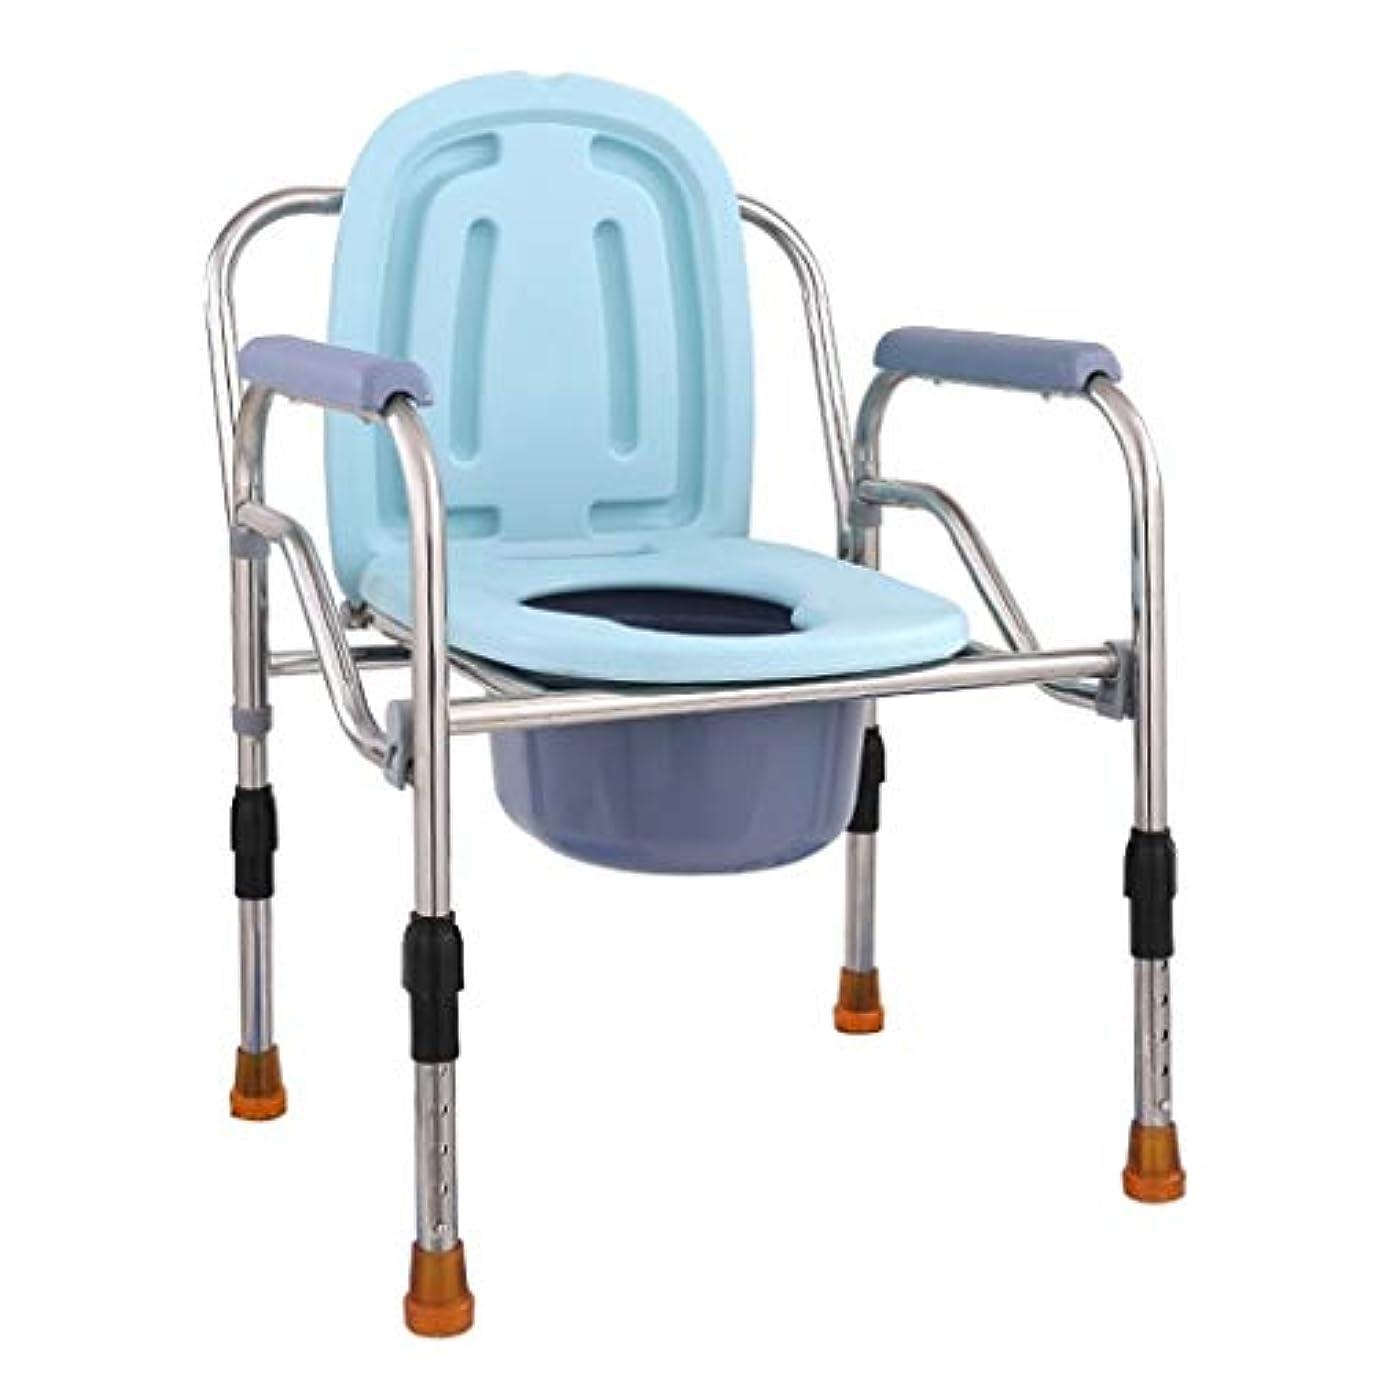 作曲する方法ビザバースツール調節可能な高さ背もたれハンドルバースツールの便器便座ステンレススチールパイプトイレチェア高齢者/身体障害者/妊婦